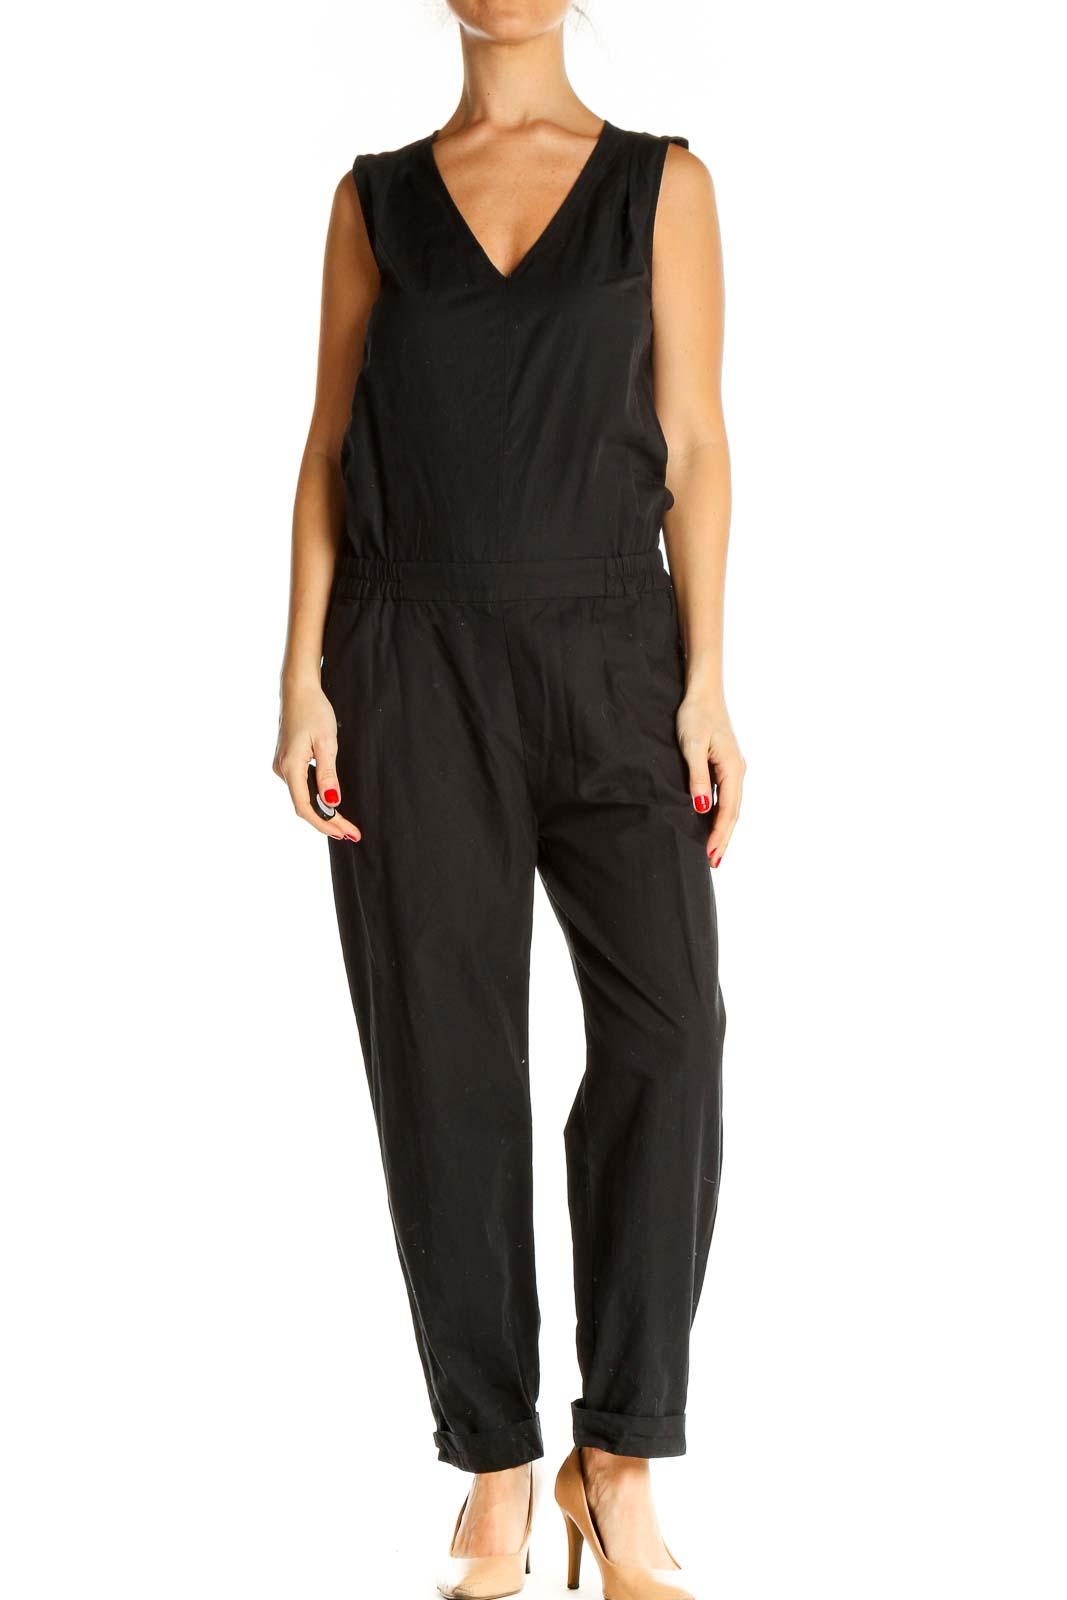 Black Solid Jumpsuit Front